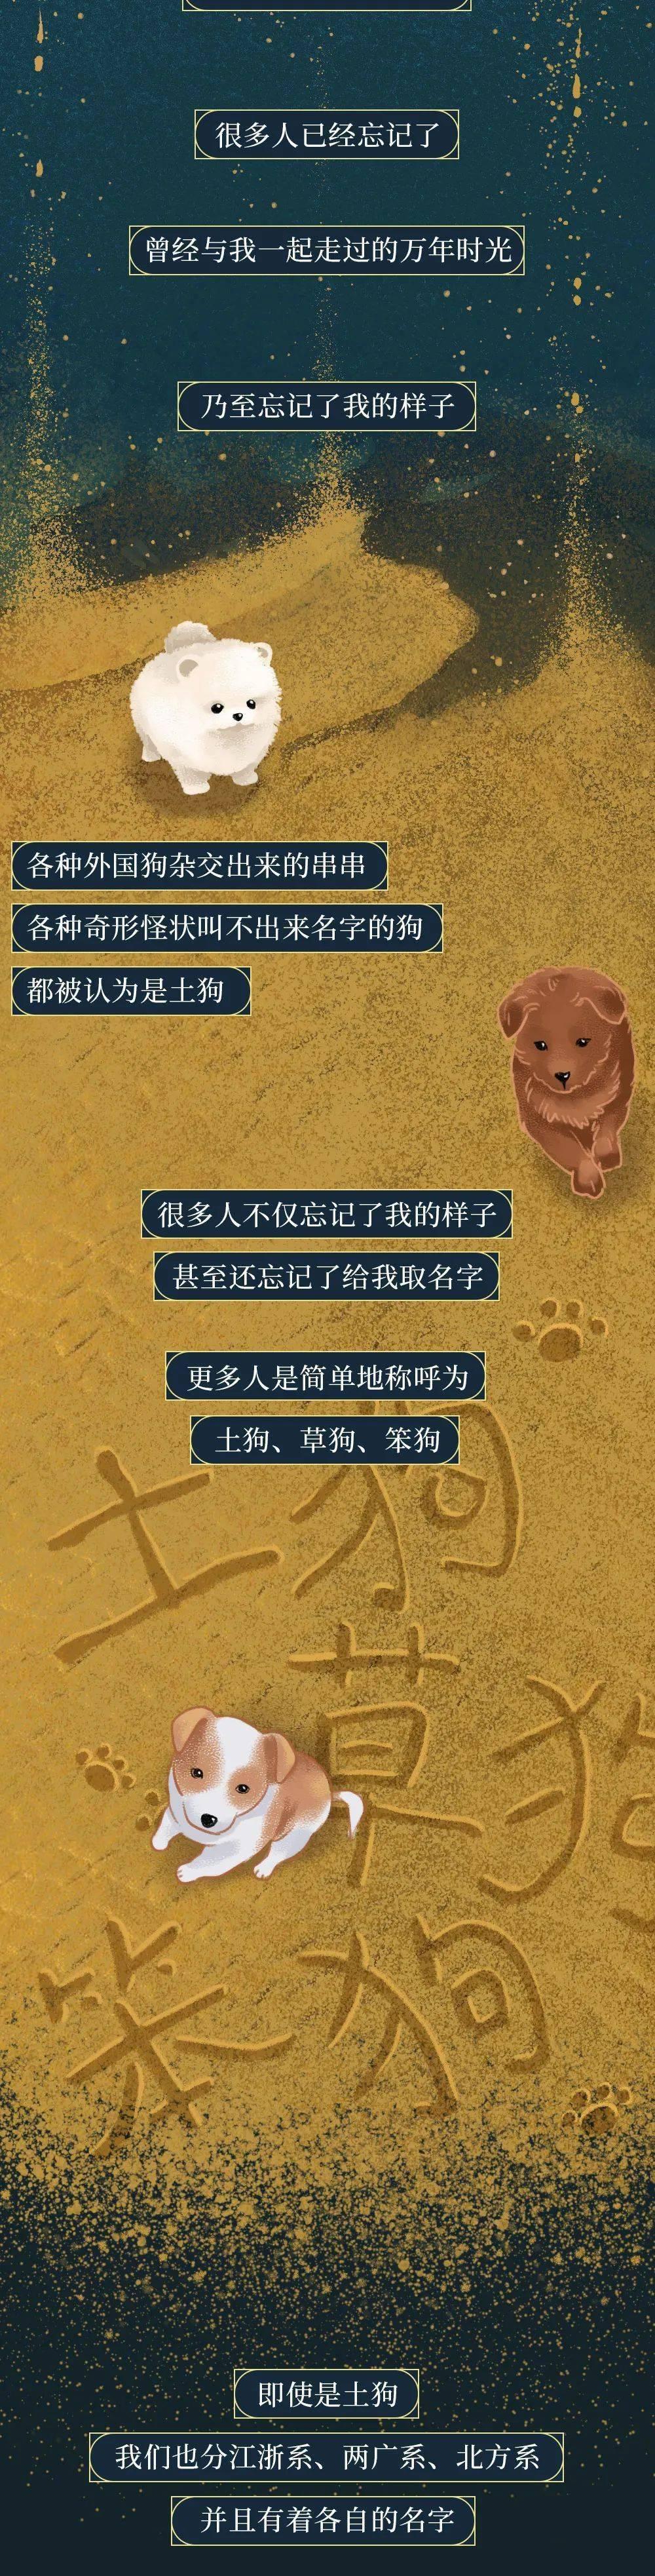 你凭什么看不起中国土狗?